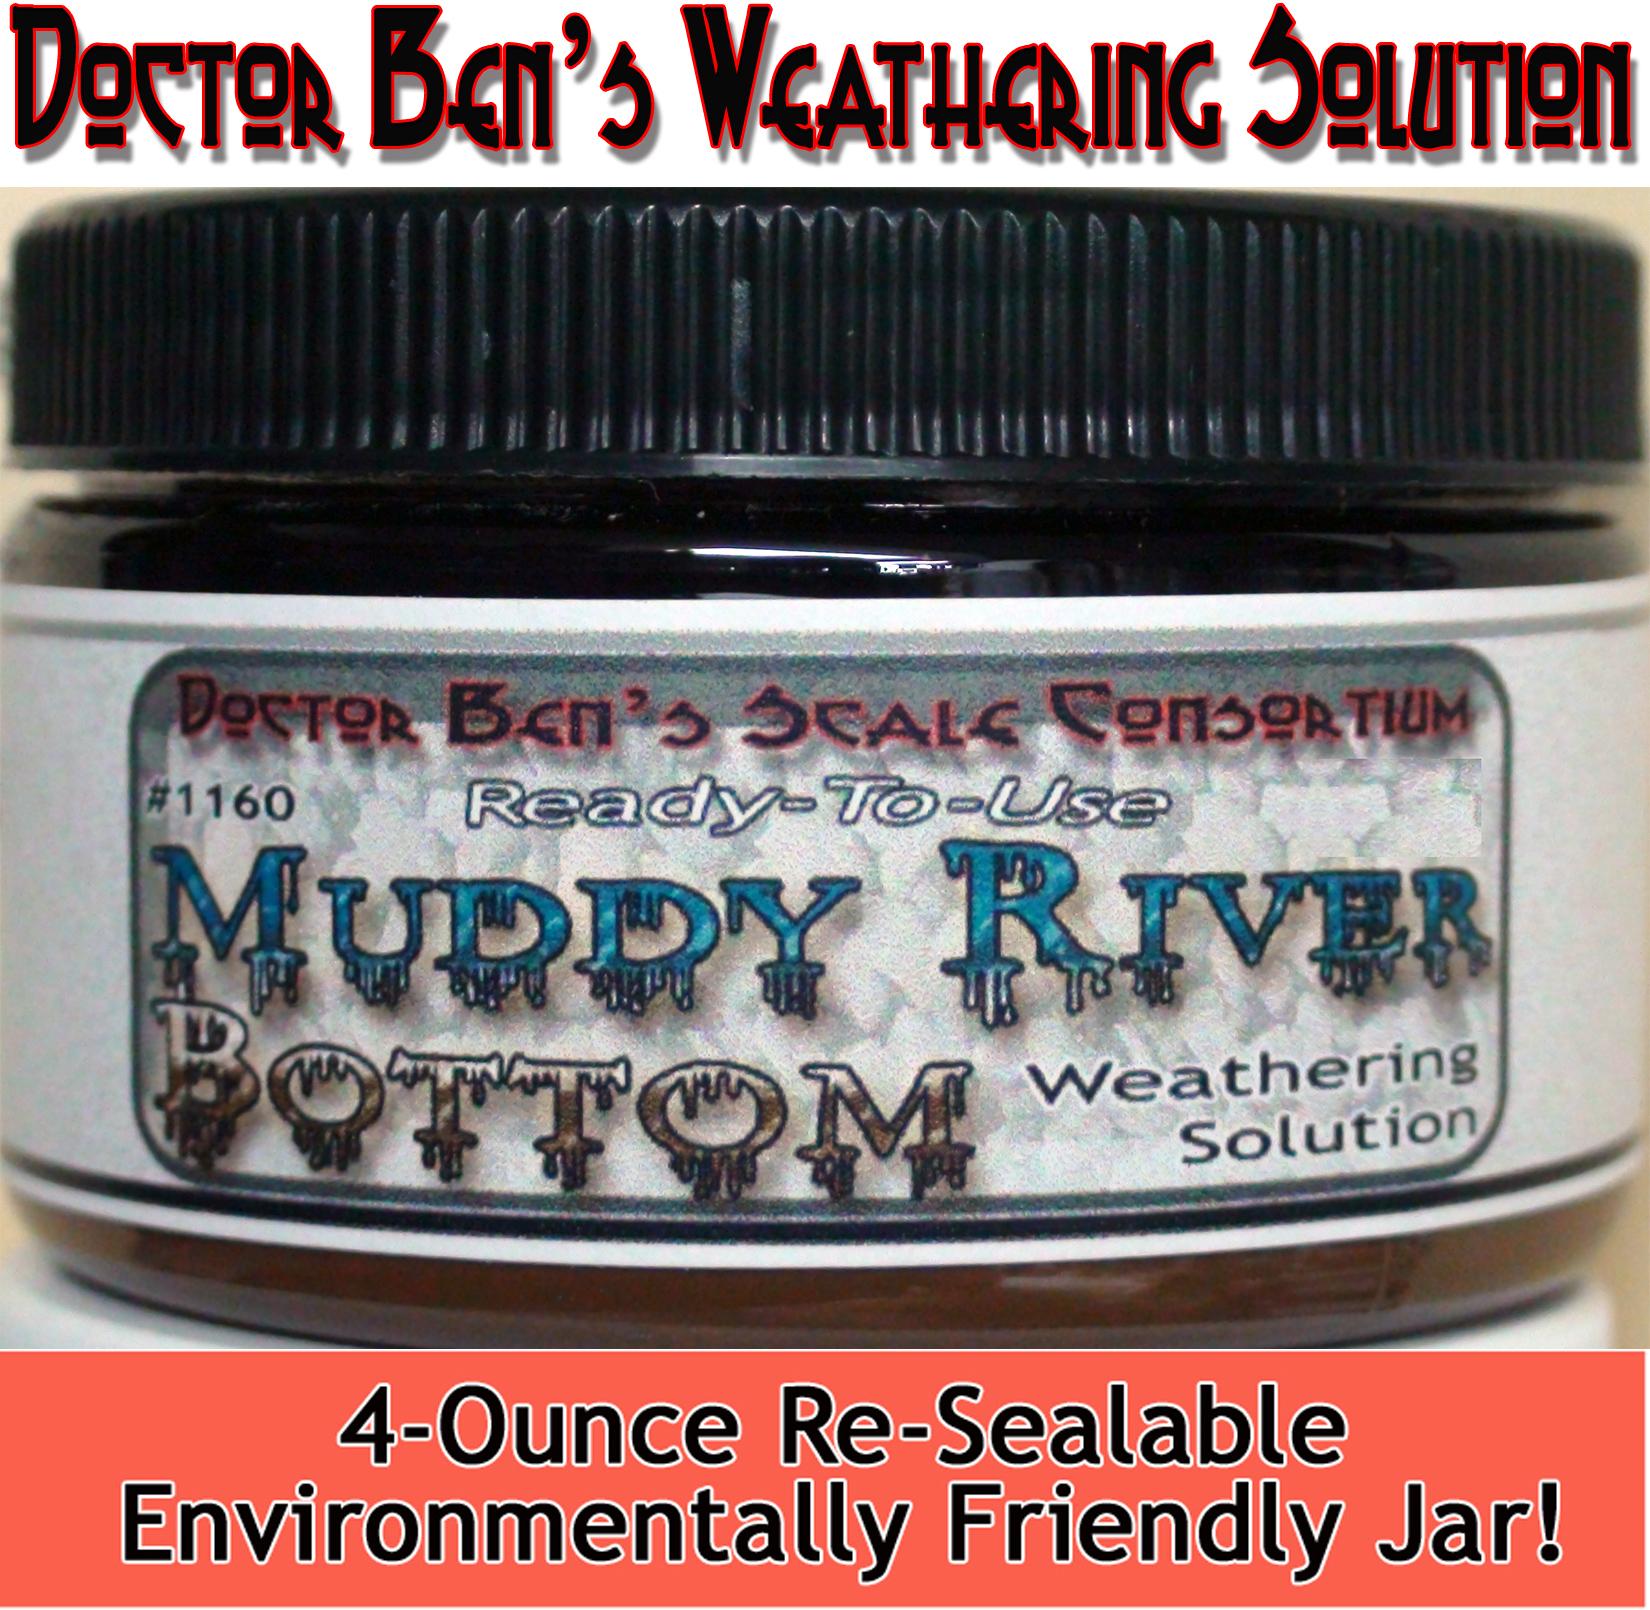 DBZ1160 - Doctor Ben's Weathering Solution